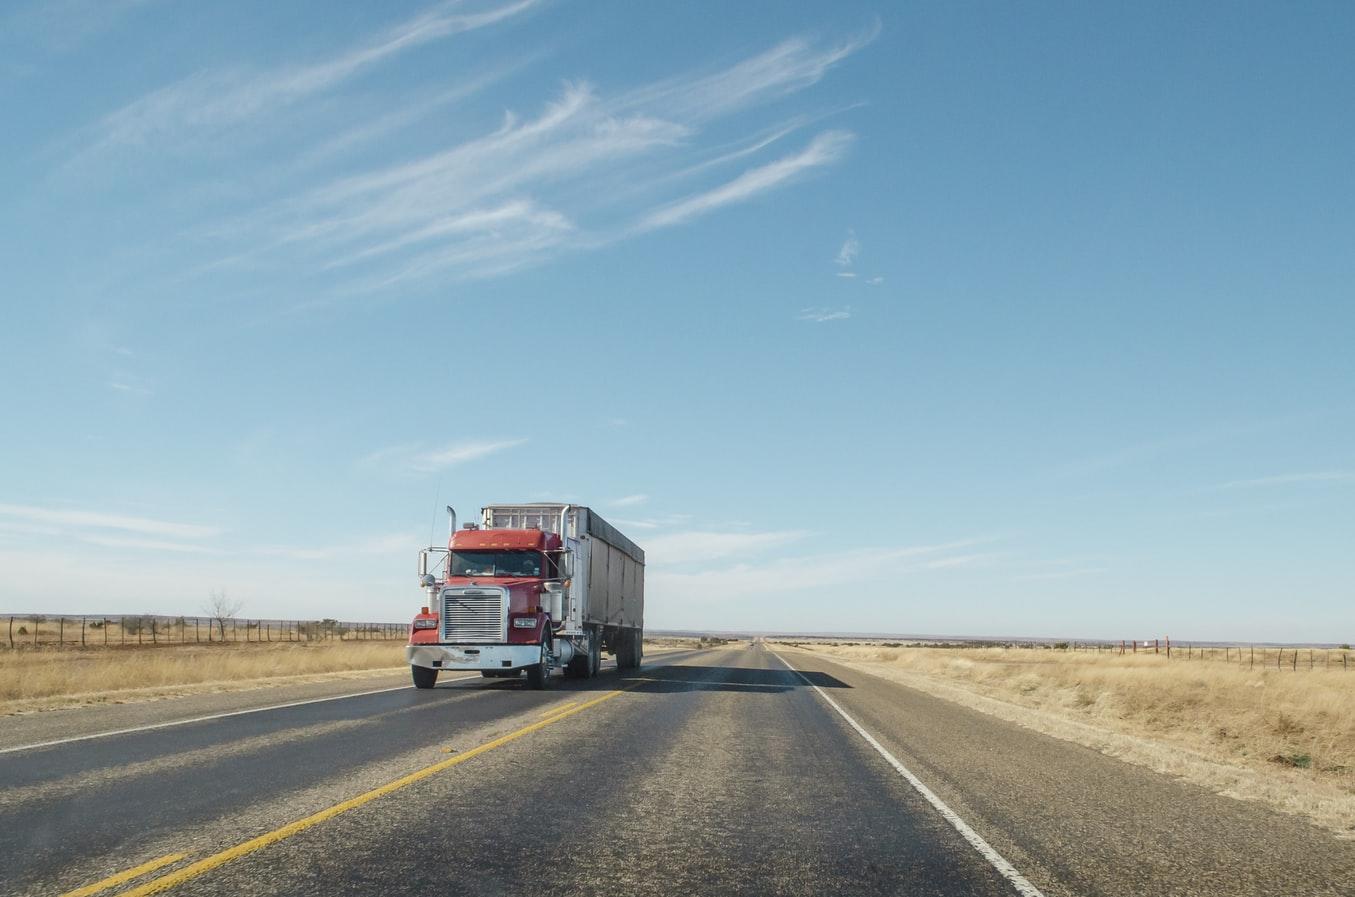 Cuidados no transporte de carga – 5 itens para você se atentar antes de viajar